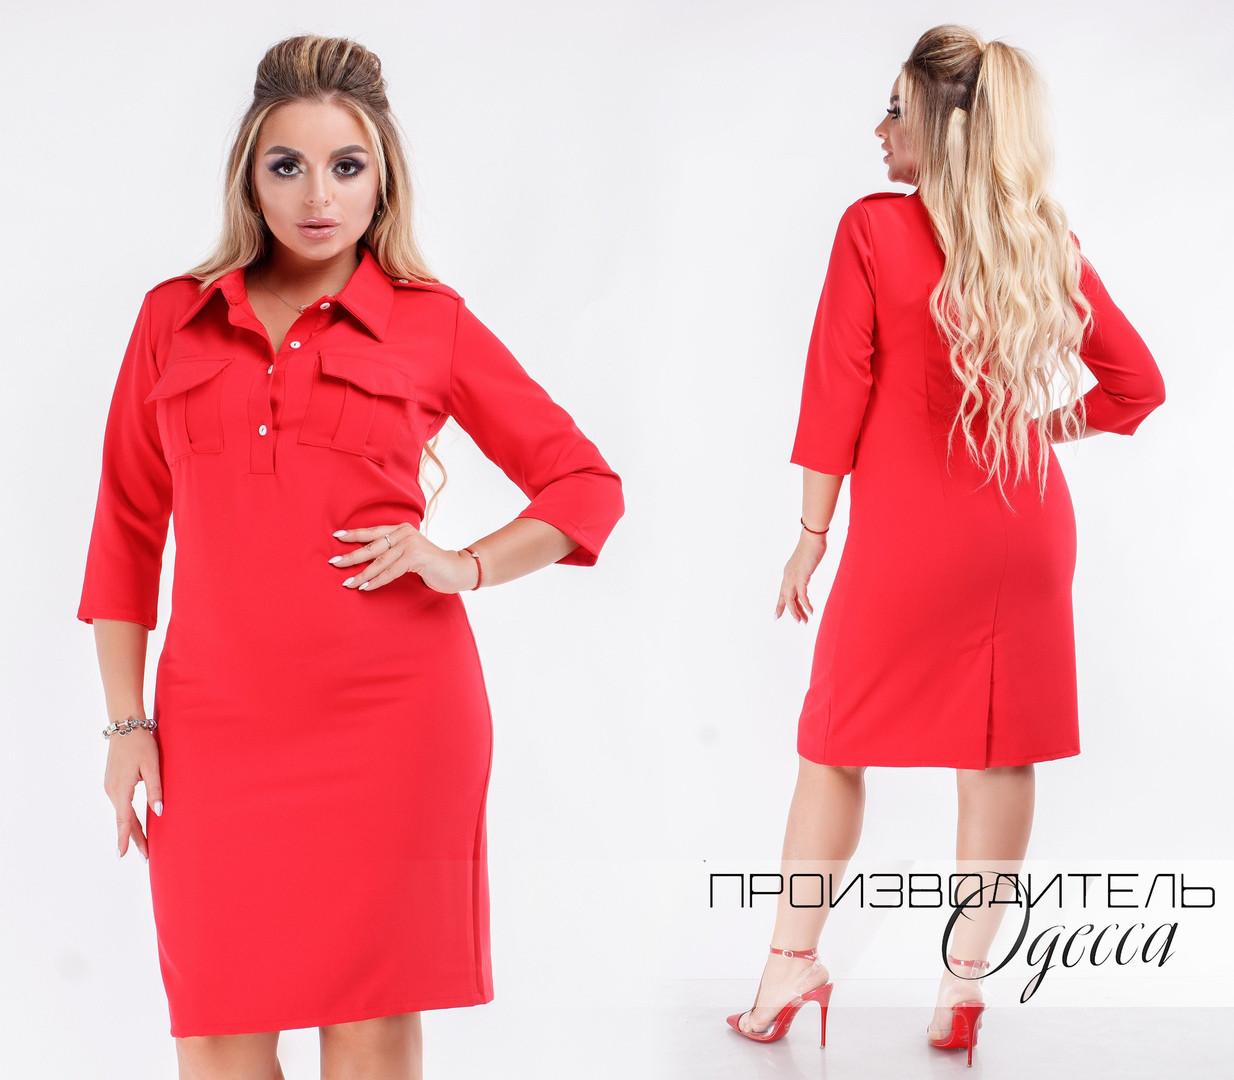 Женское платье-рубашка с погонами больших размеров от 46 до 58 / 3 цвета   арт 6478-217